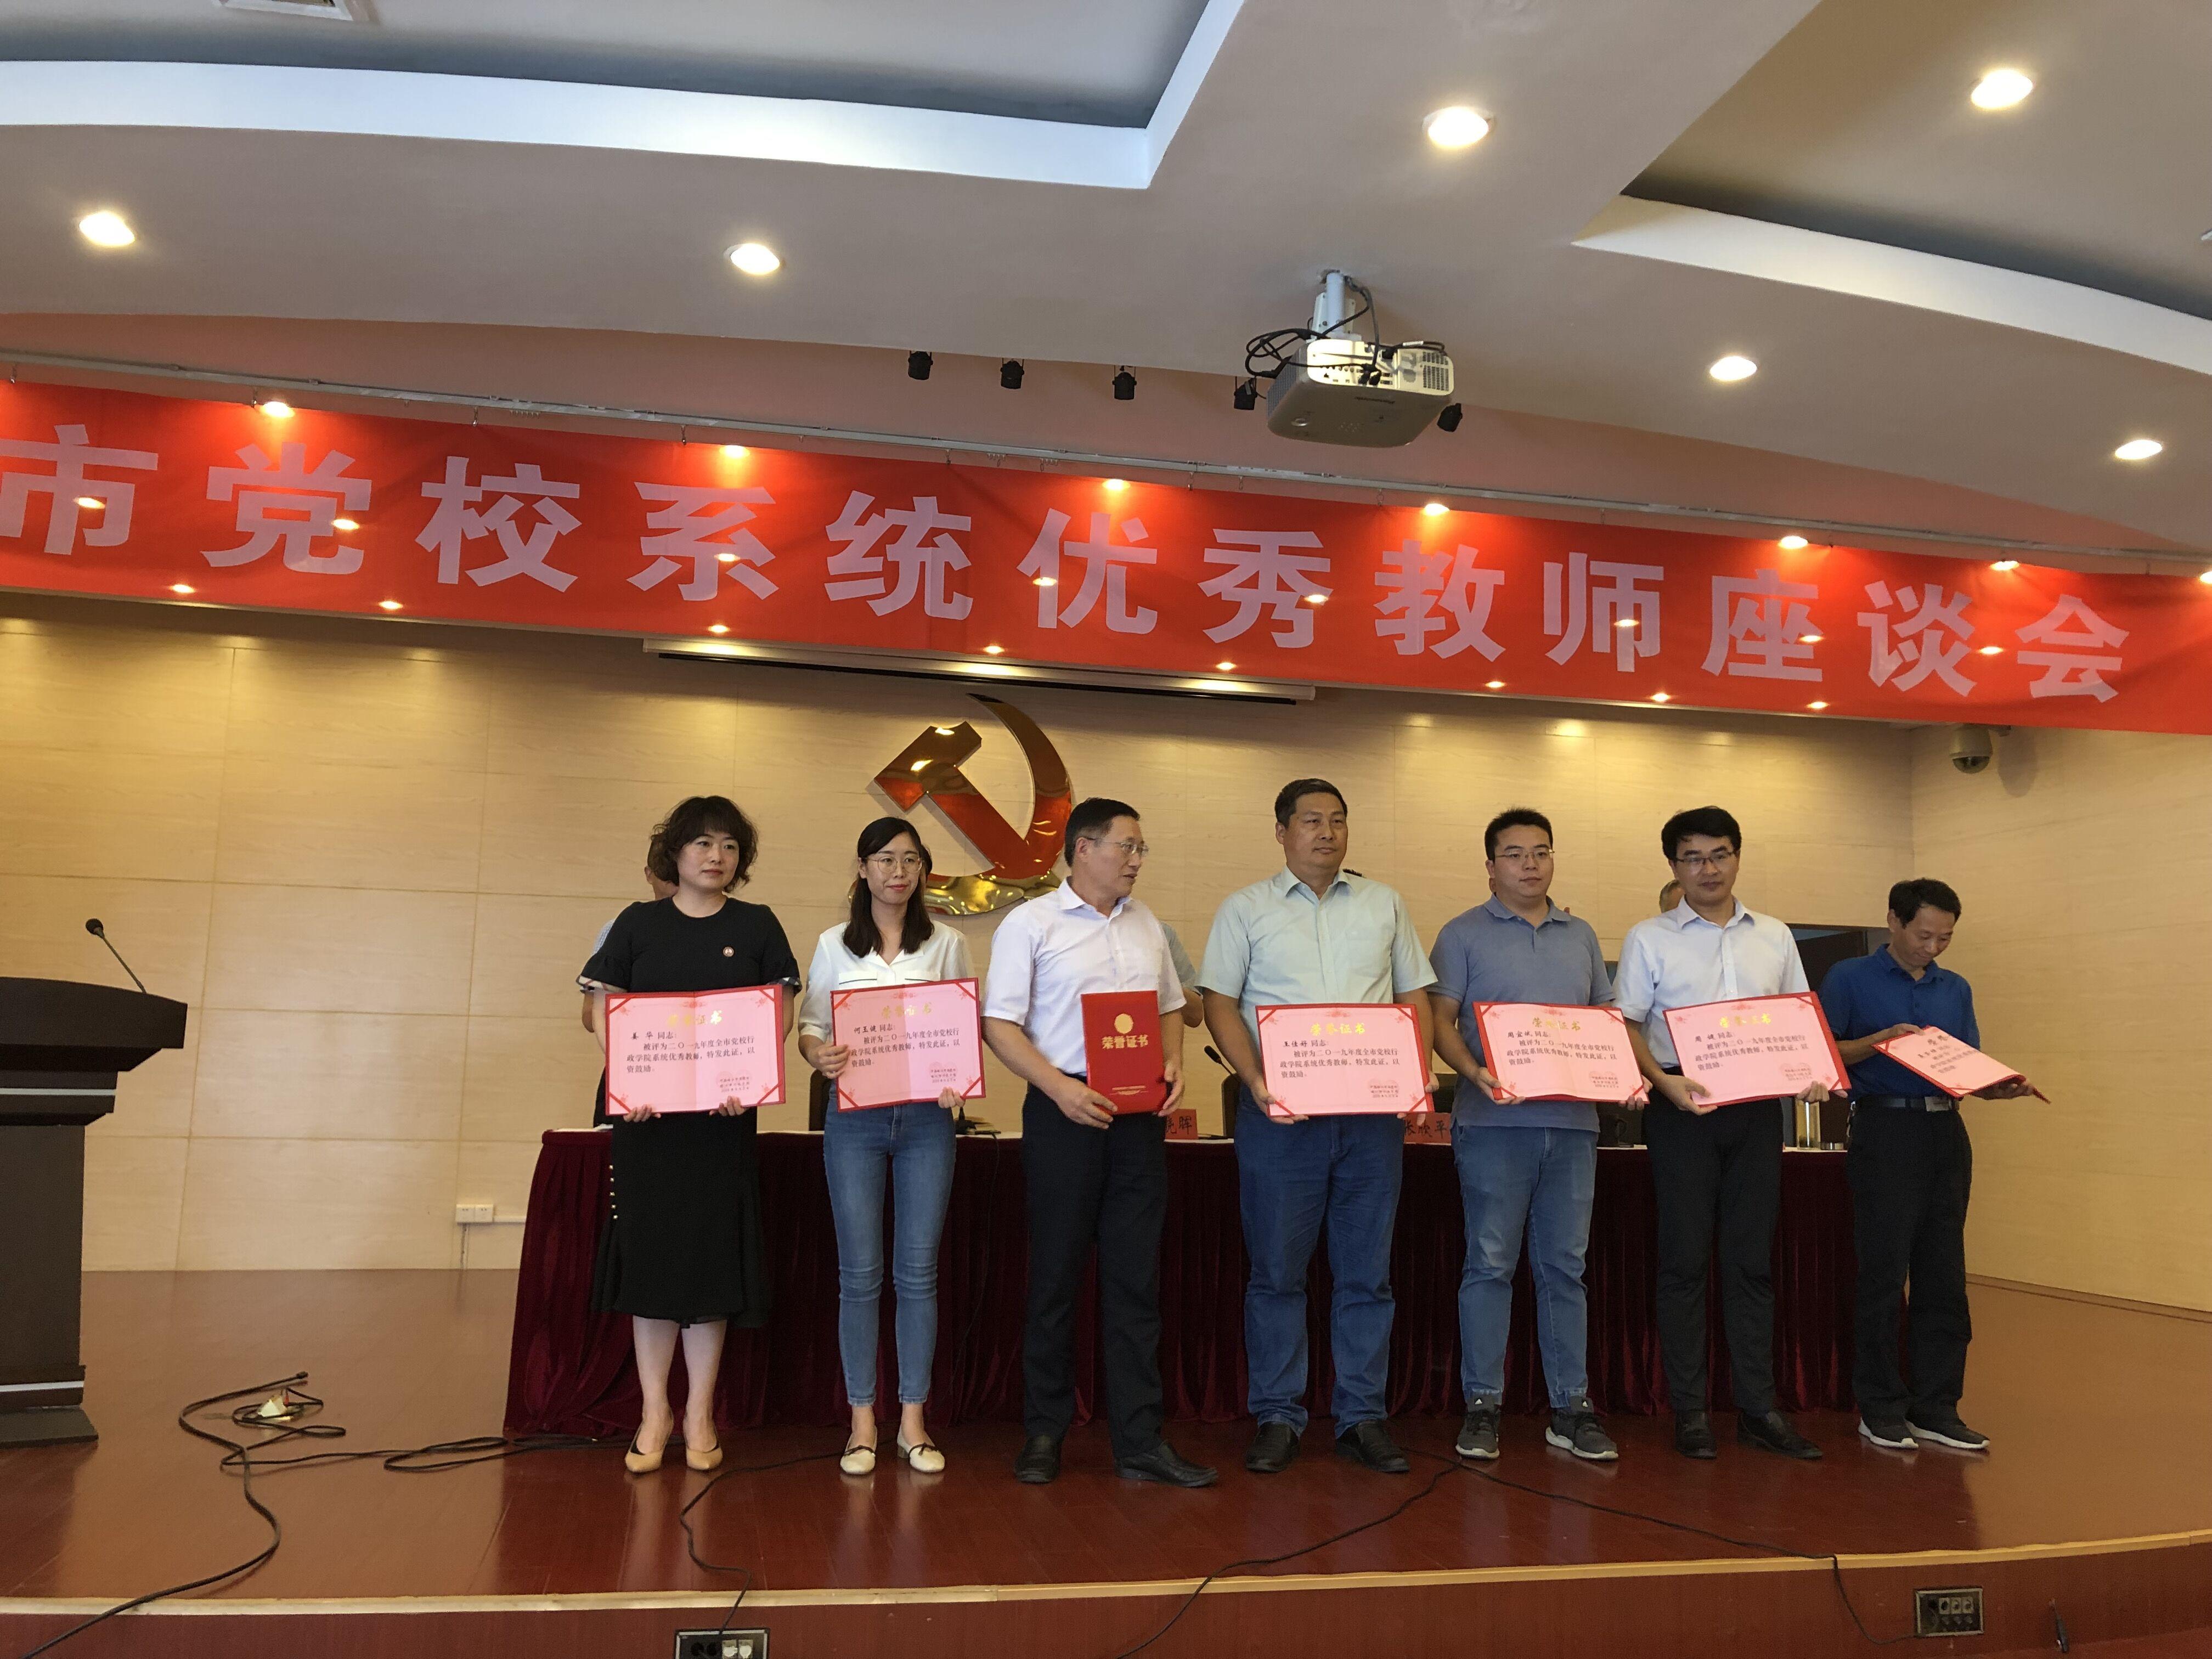 我校两名同志受镇江市委党校表彰